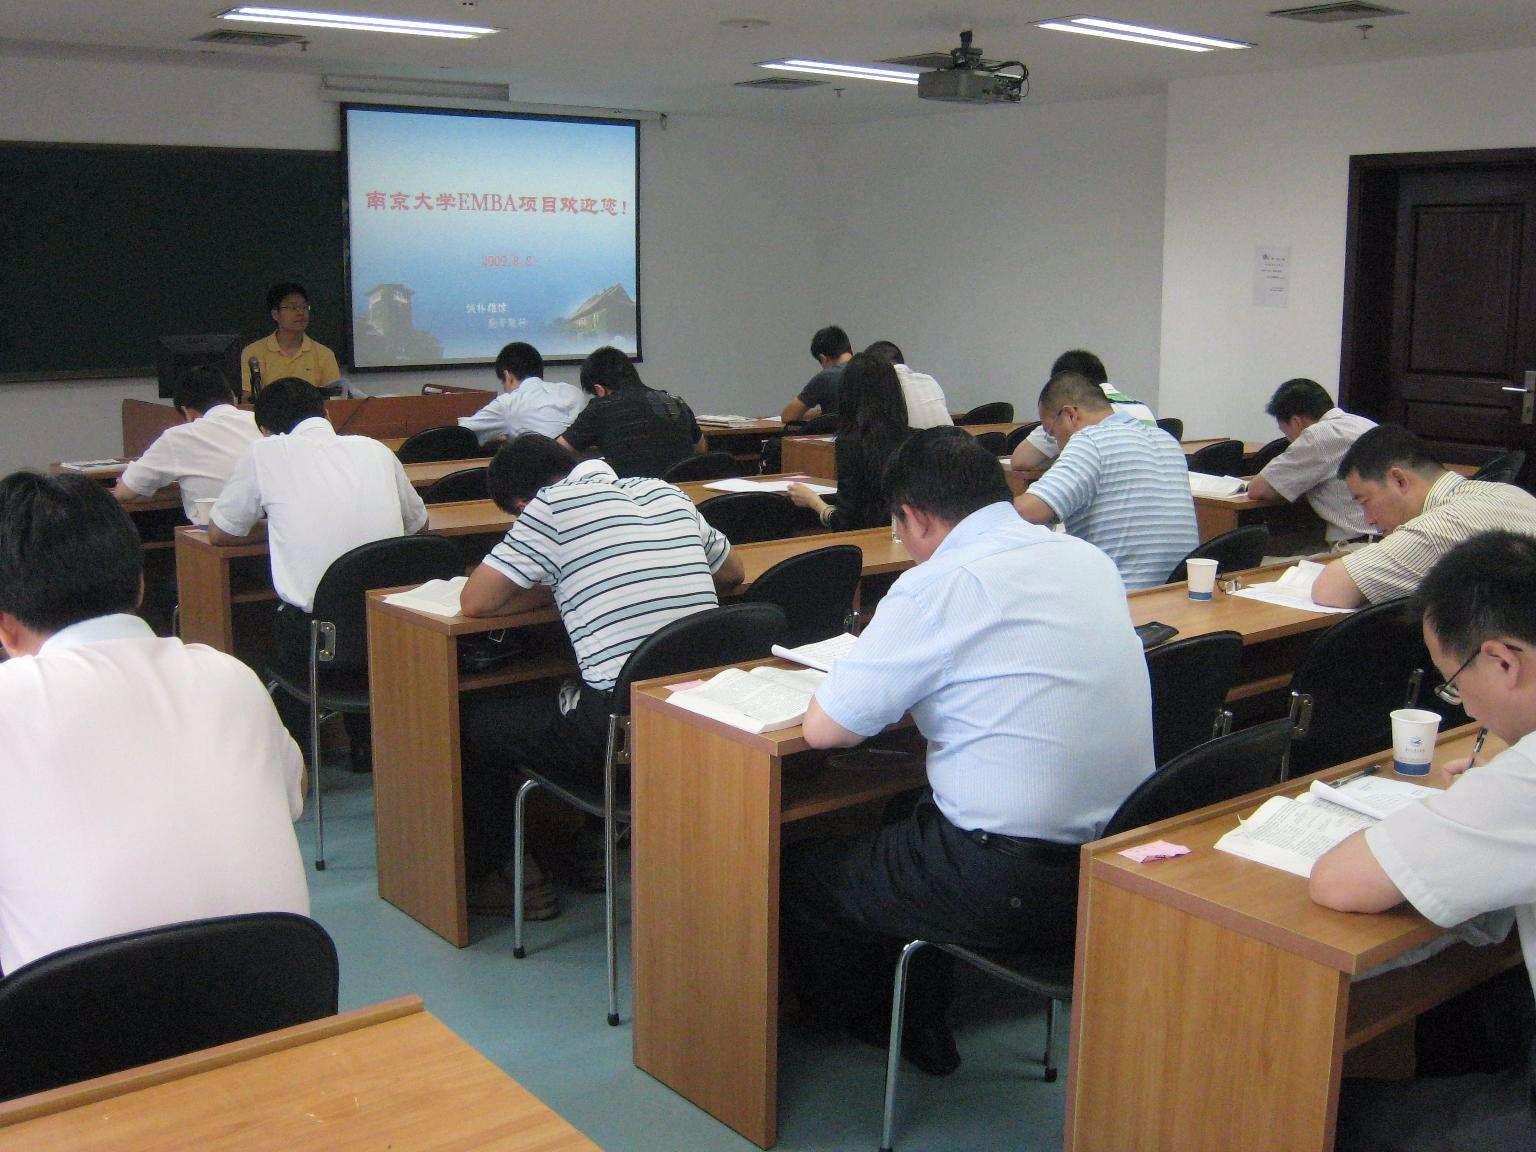 南京大学EMBA上课图集